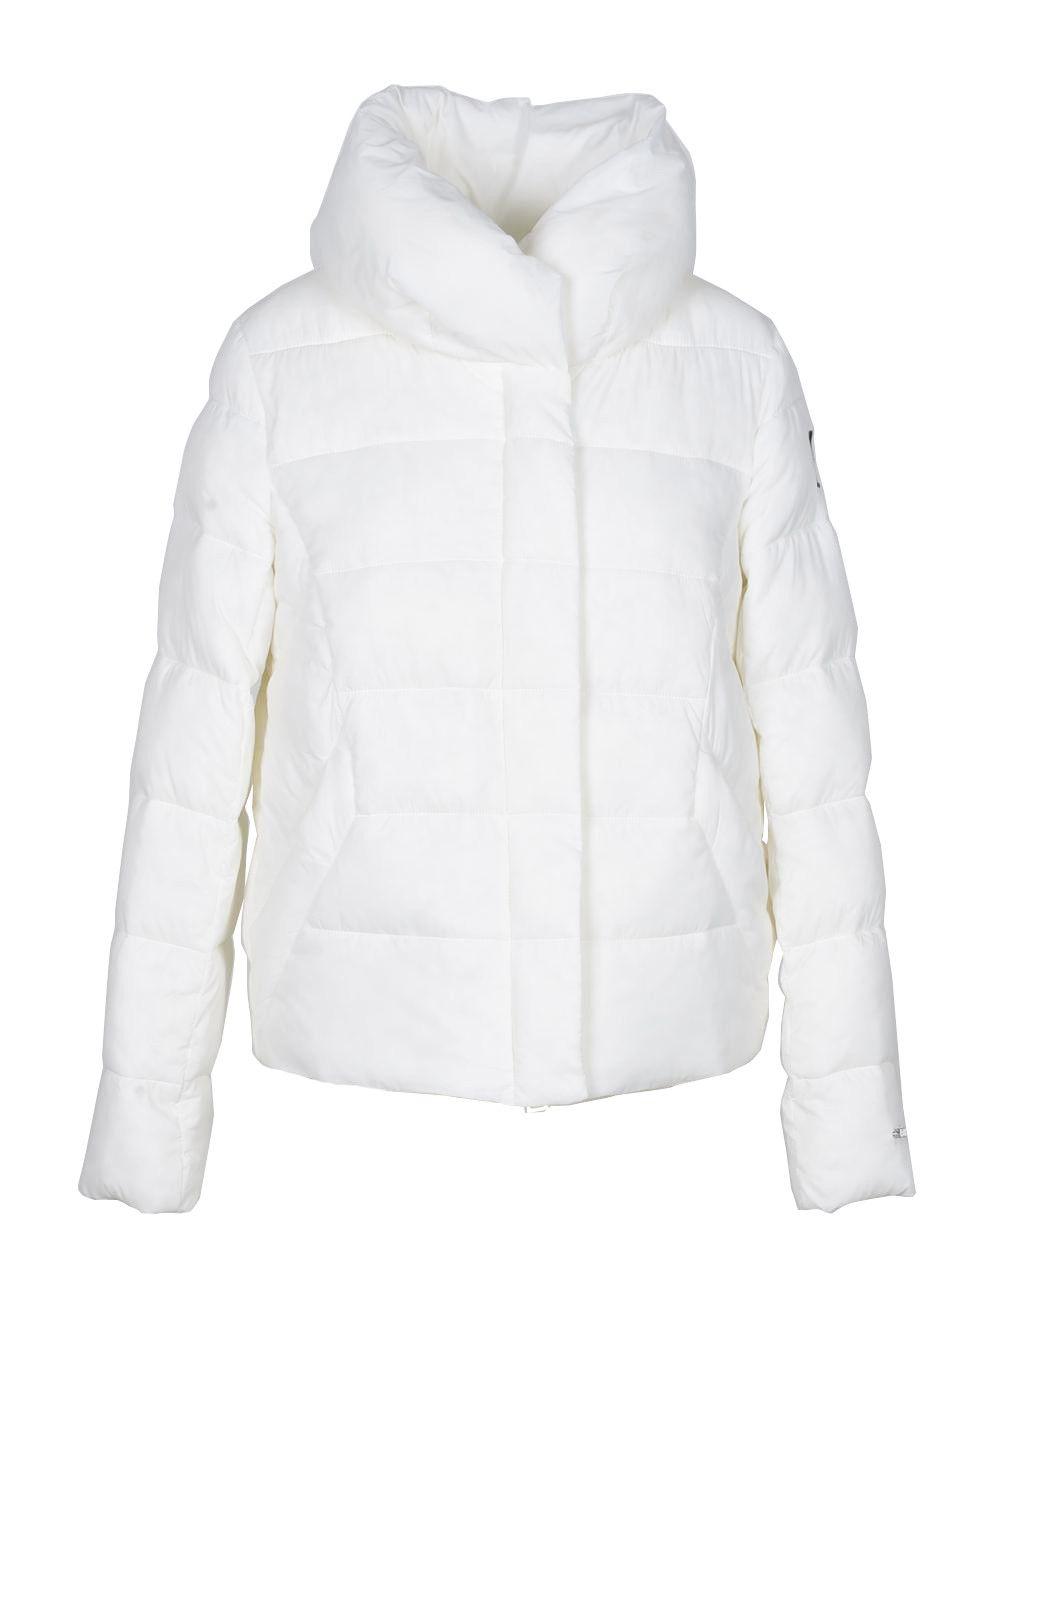 Gaelle Women's Jacket In White